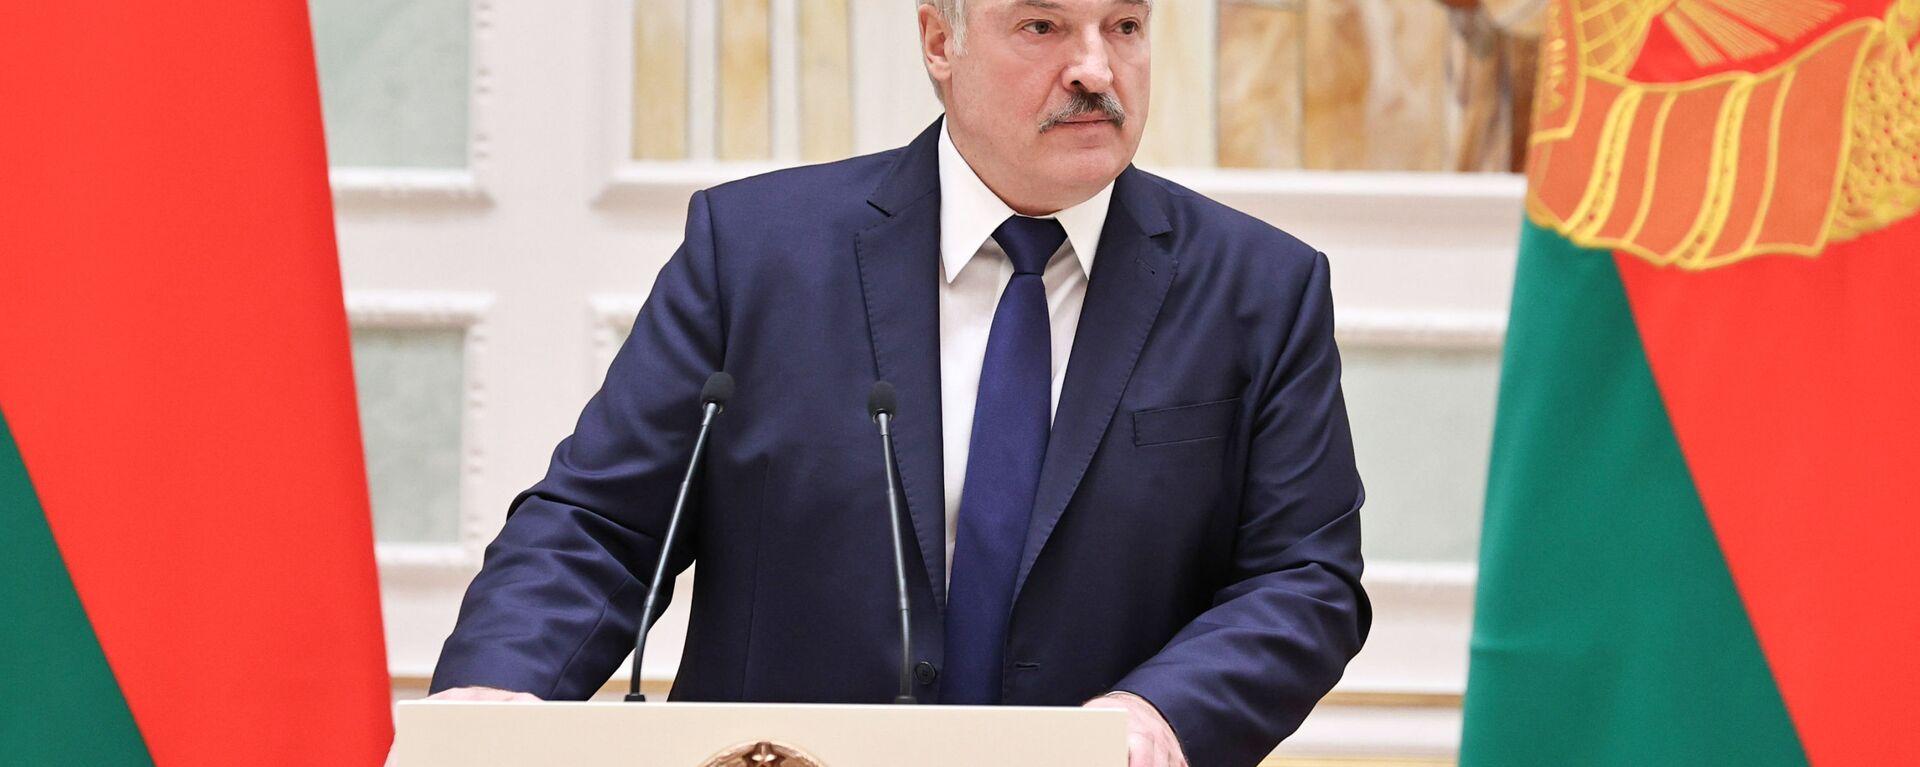 Belarus Devlet Başkanı Aleksandr Lukaşenko - Sputnik Türkiye, 1920, 19.04.2021